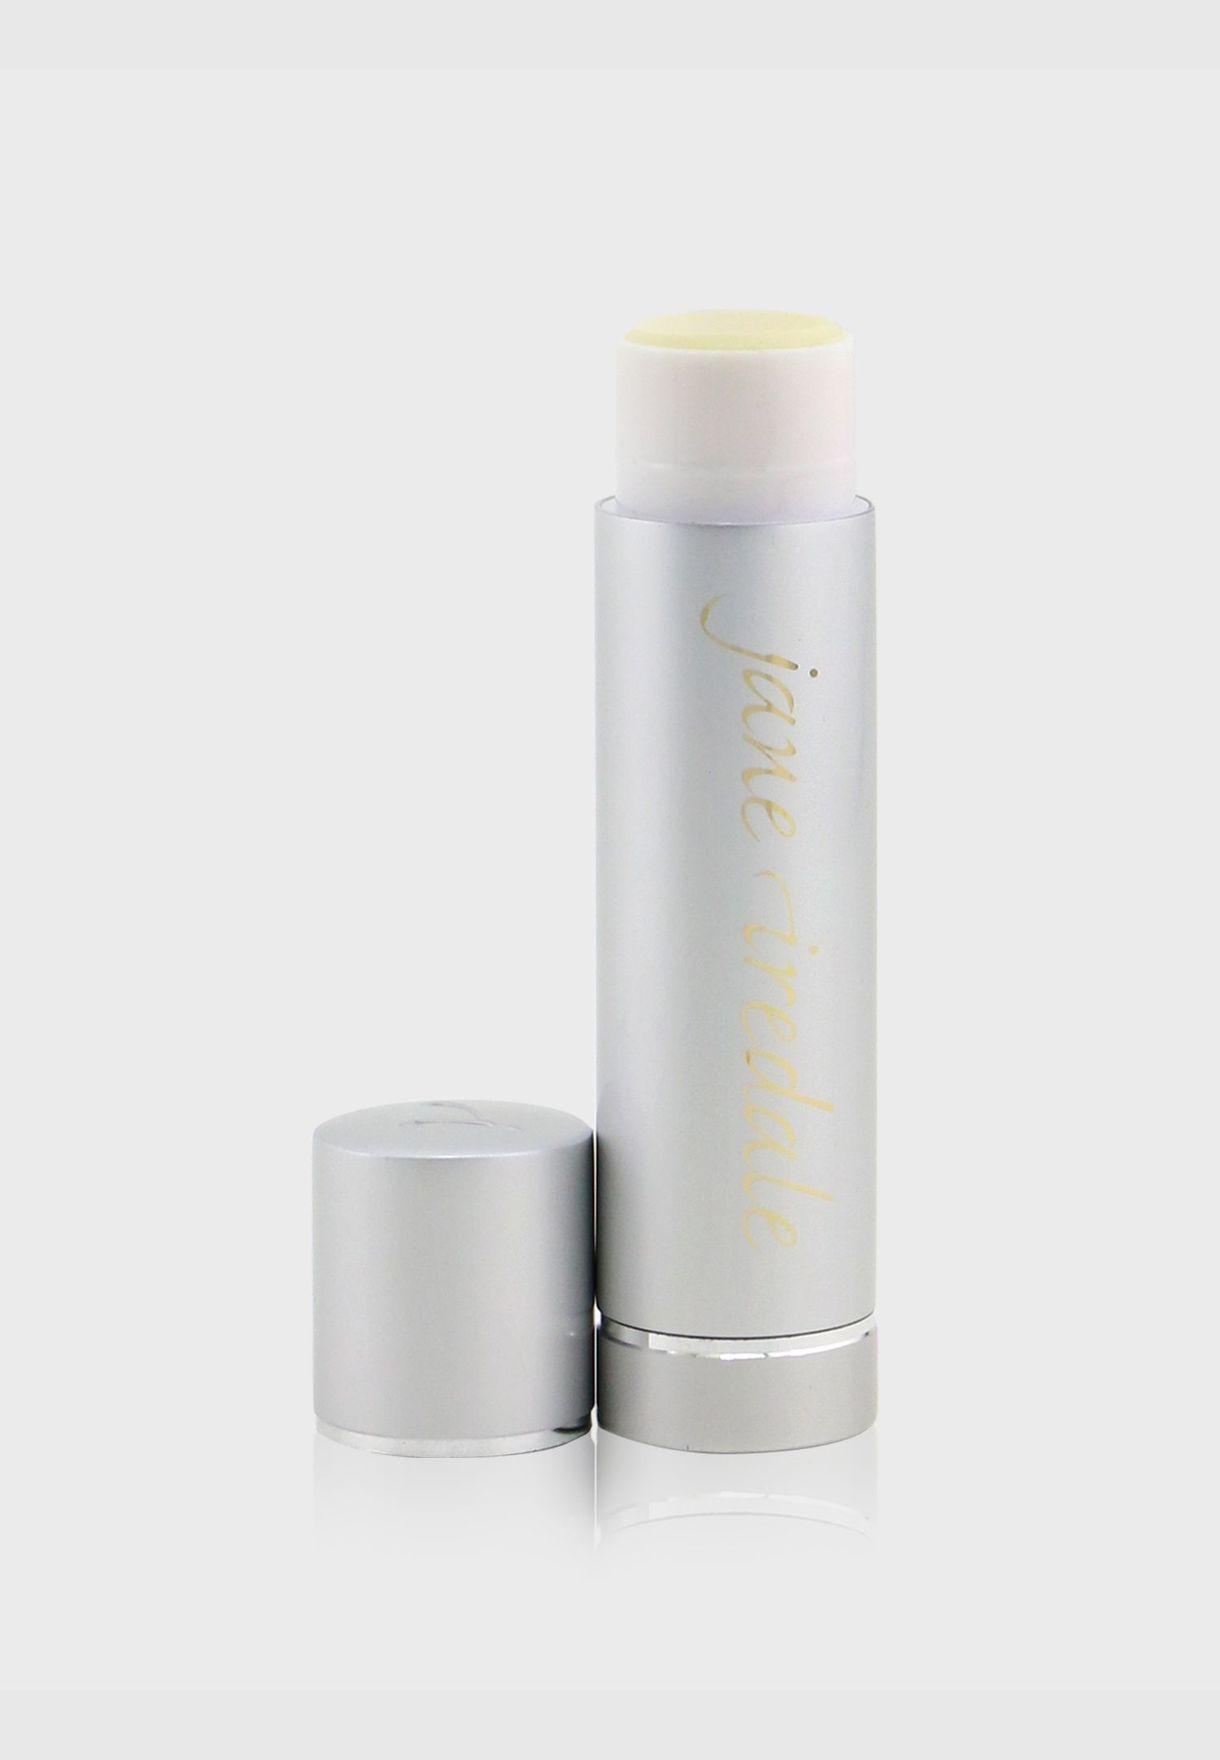 بلسم شفاه LipDrink SPF 15 - شفاف